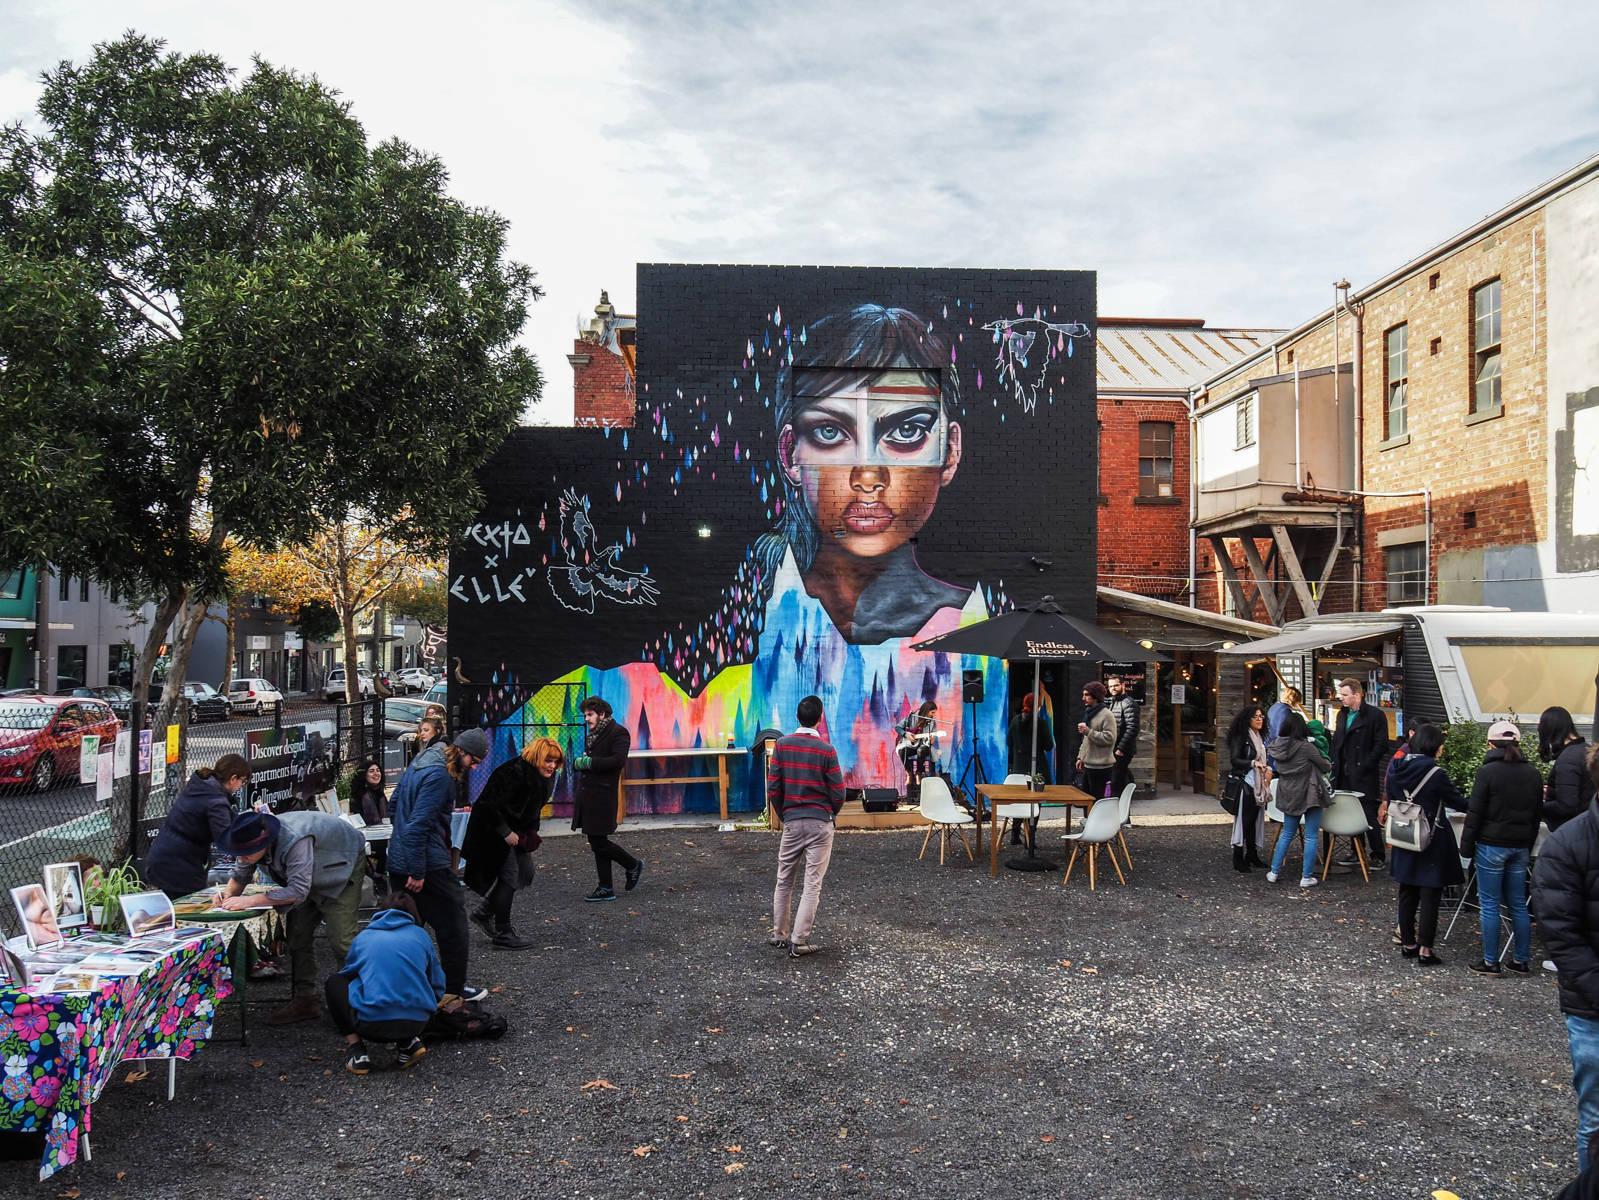 Melbourne tag market